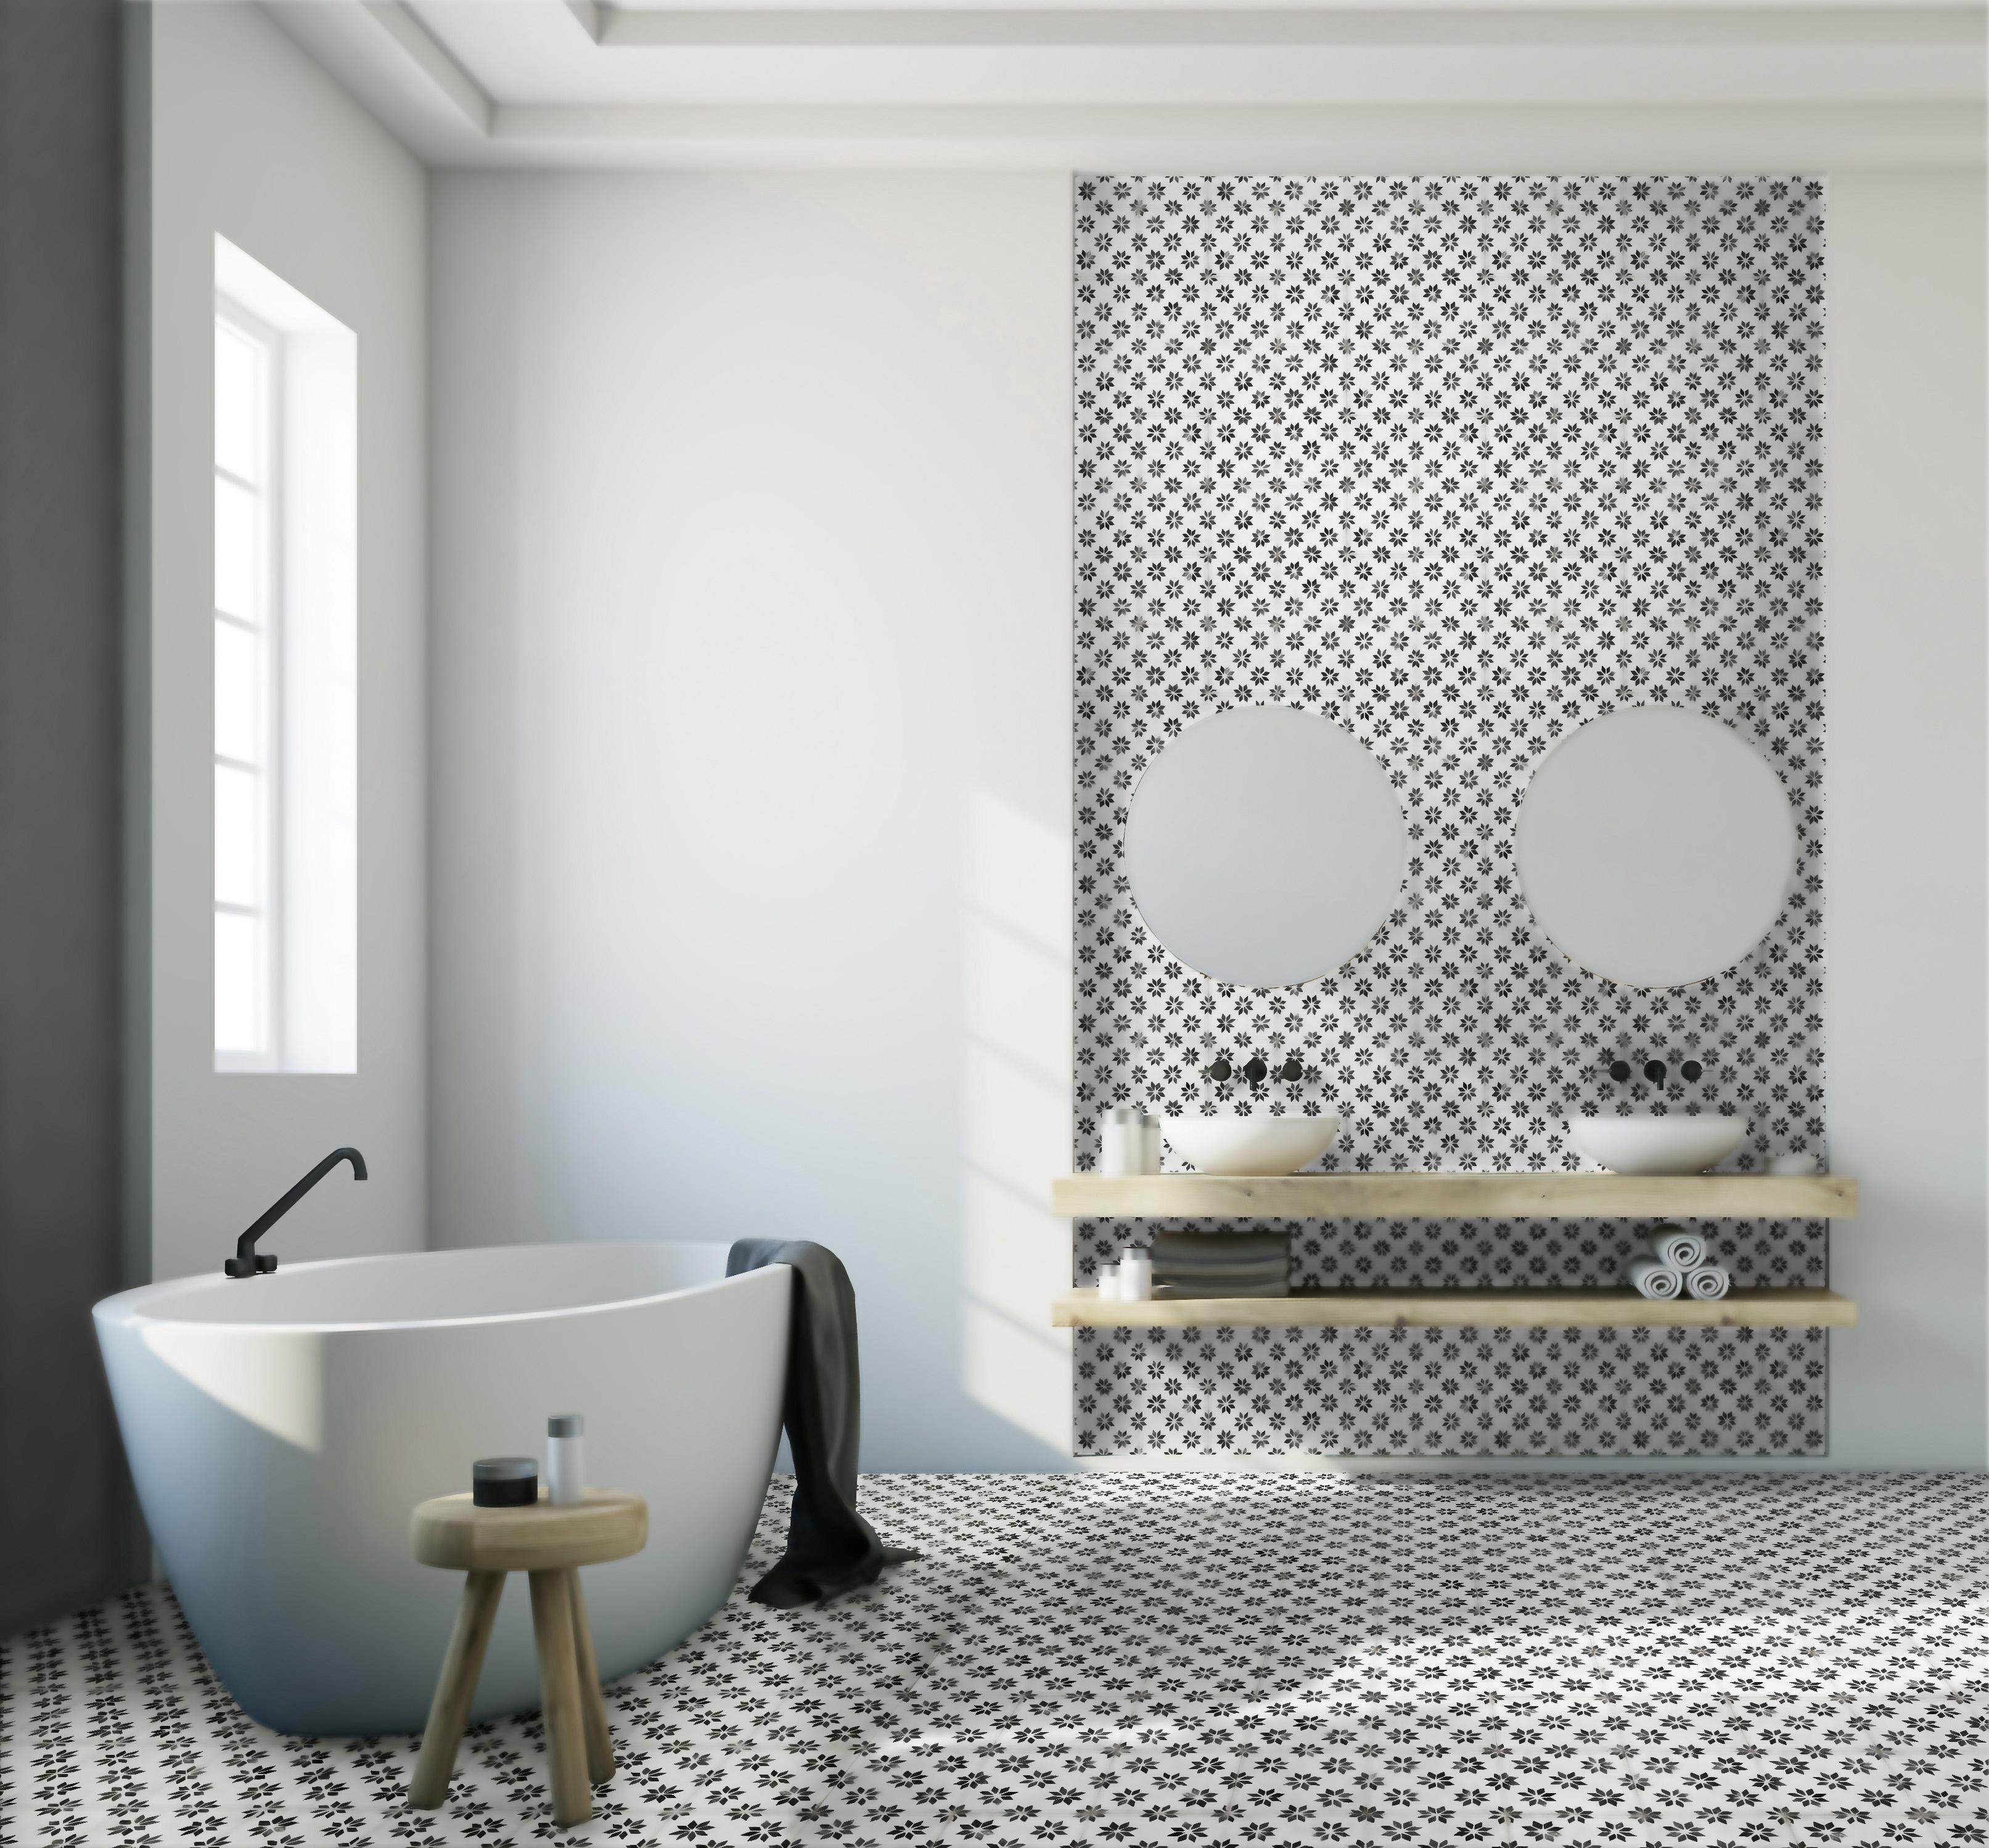 19 LAPEYRE Carrelage de salle de bains Héra bd - Lapeyre Presse